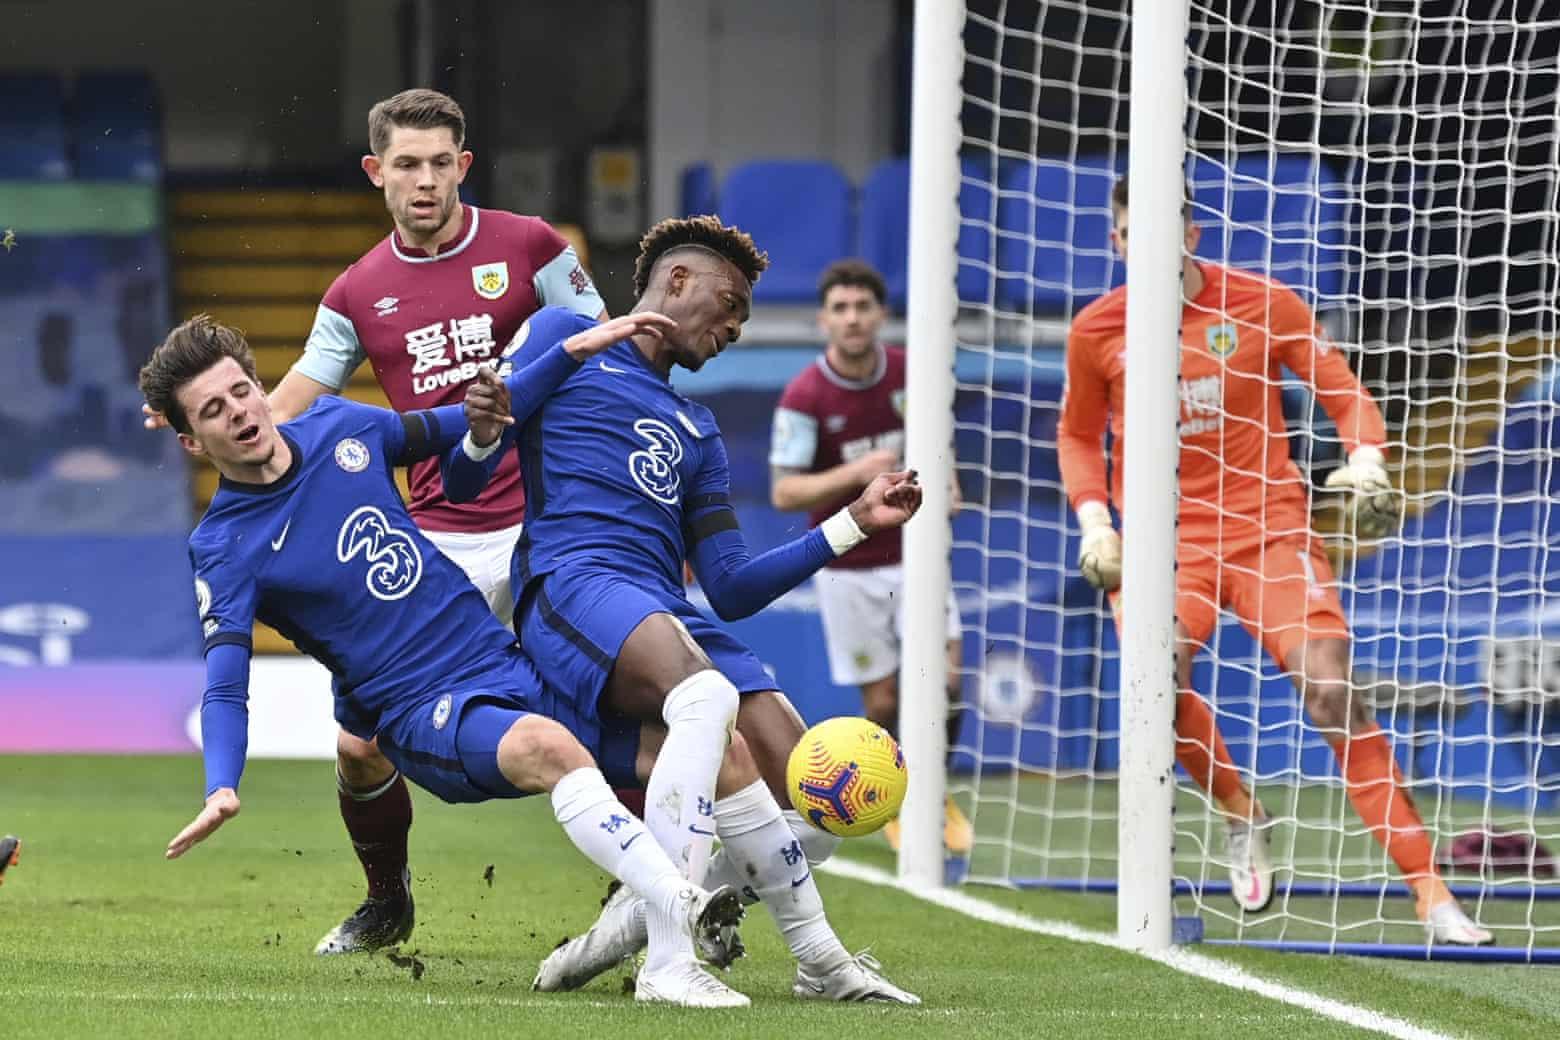 Mount dan Abraham - dua bintang yang ditempatkan Lampard di tim utama dan kemudian bersinar musim lalu - belum mendapatkan kembali kepercayaan diri dan efisiensi.  Foto: AP